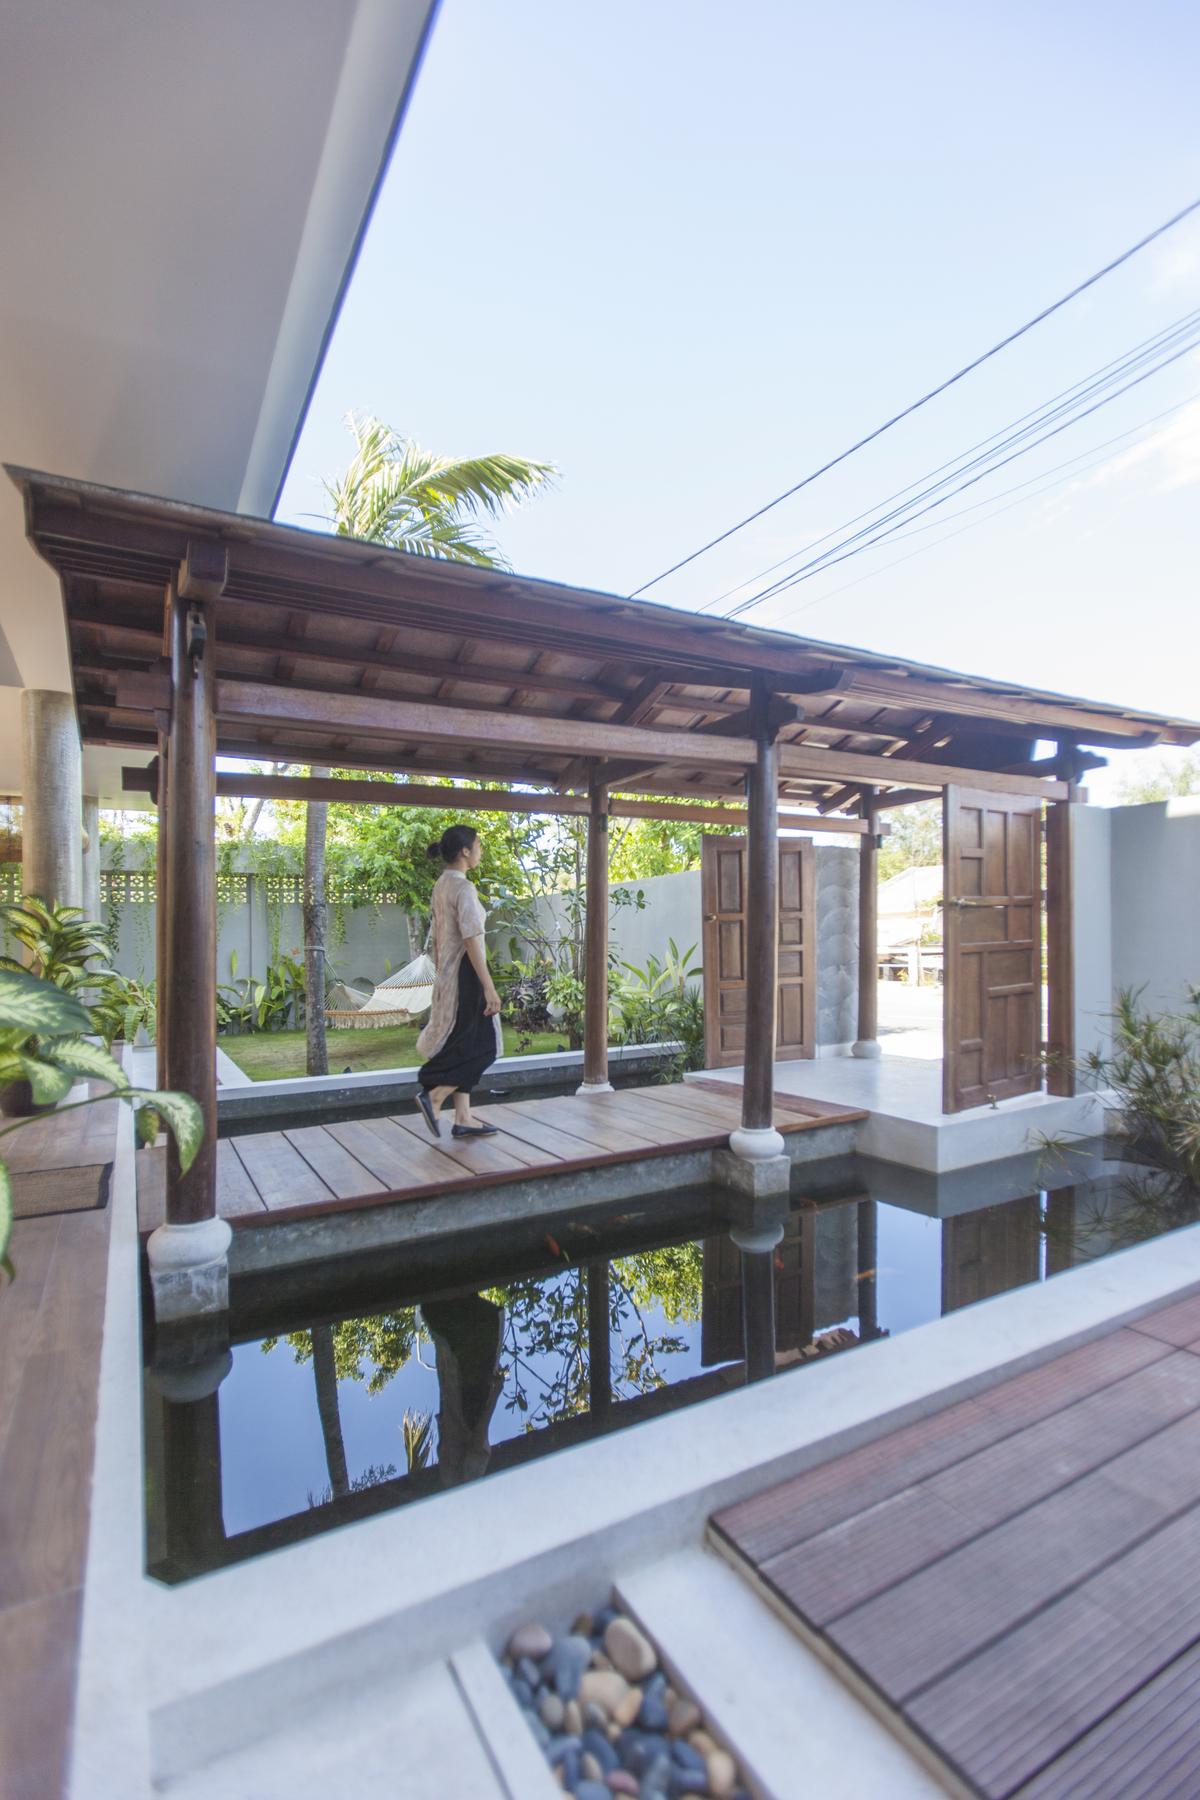 Ocean Breeze – Nhà Gió Biển   Công ty kiến trúc và xây dựng Chong Chóng